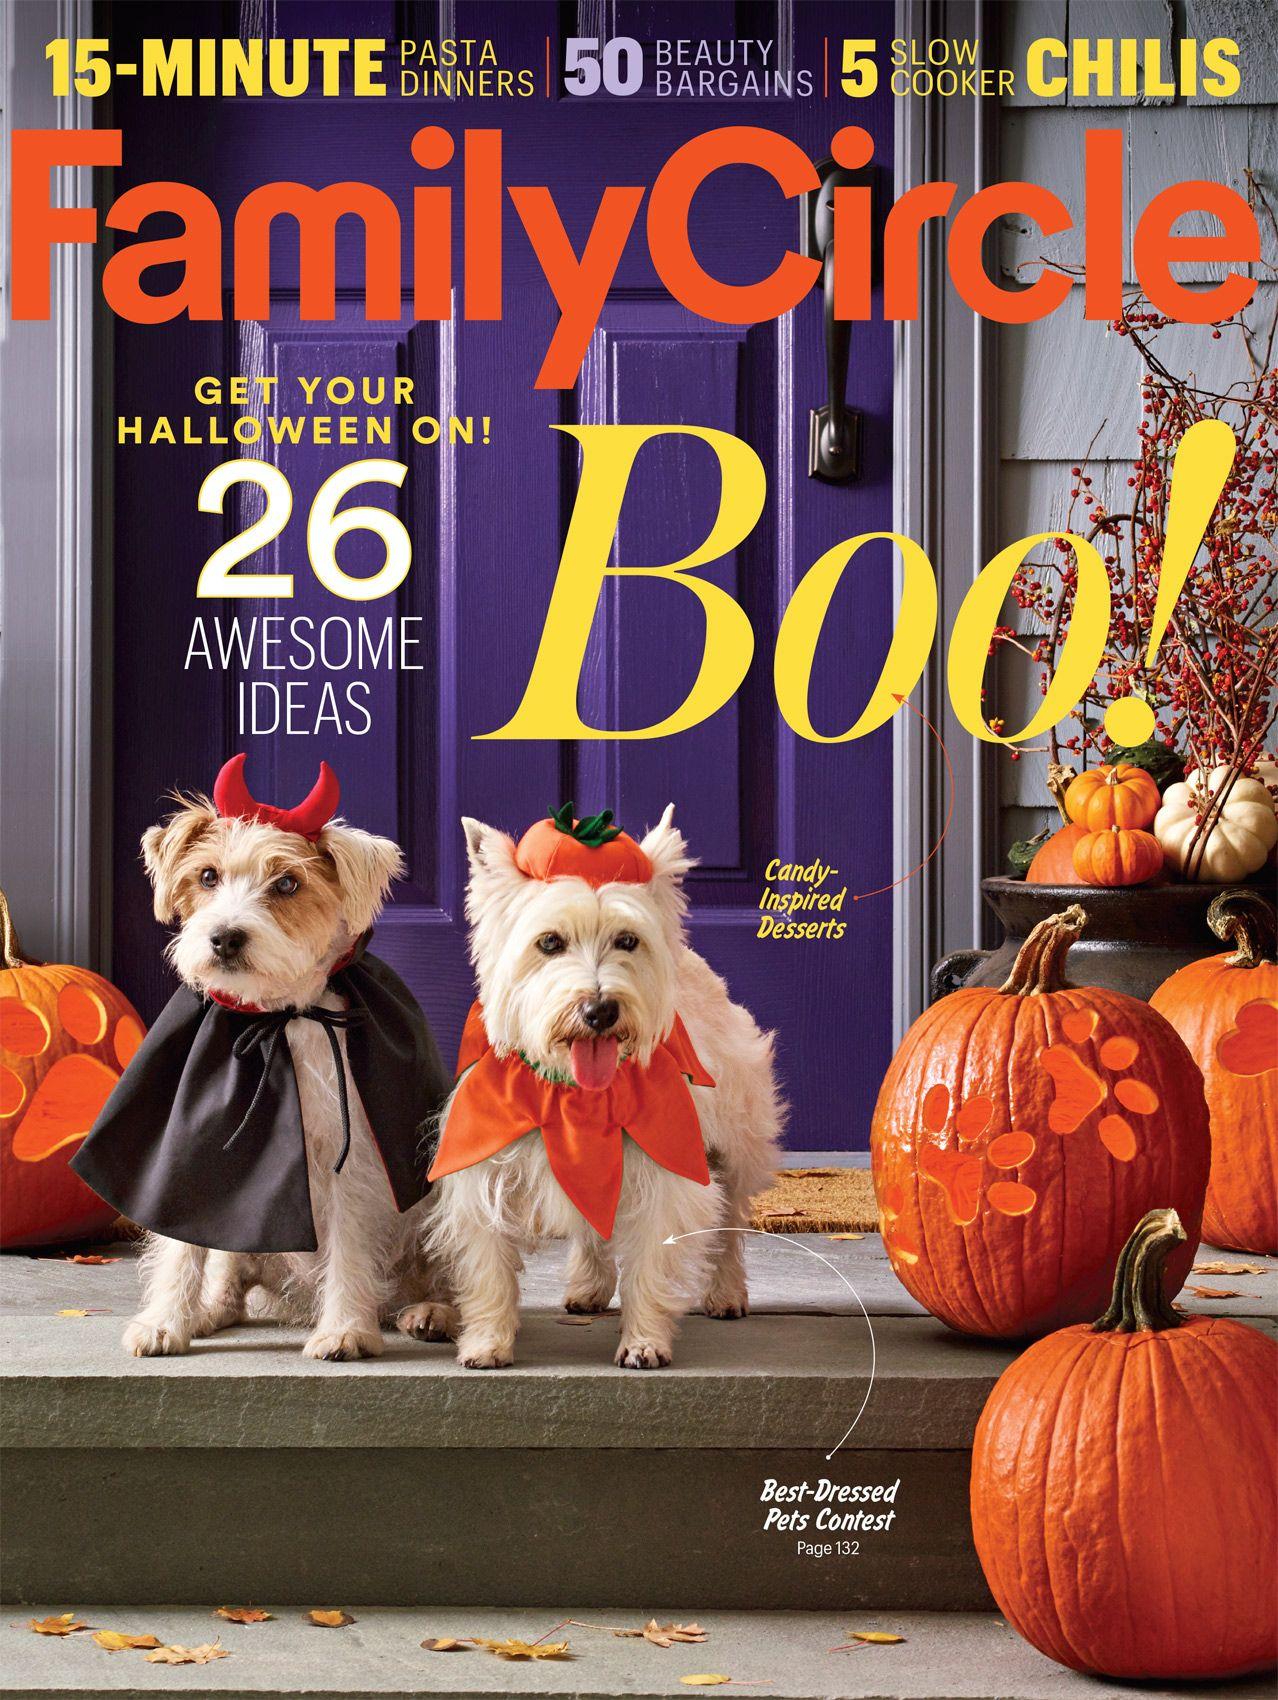 ChristopherWhite_FamilyCircle-October2016_cover-1.jpg